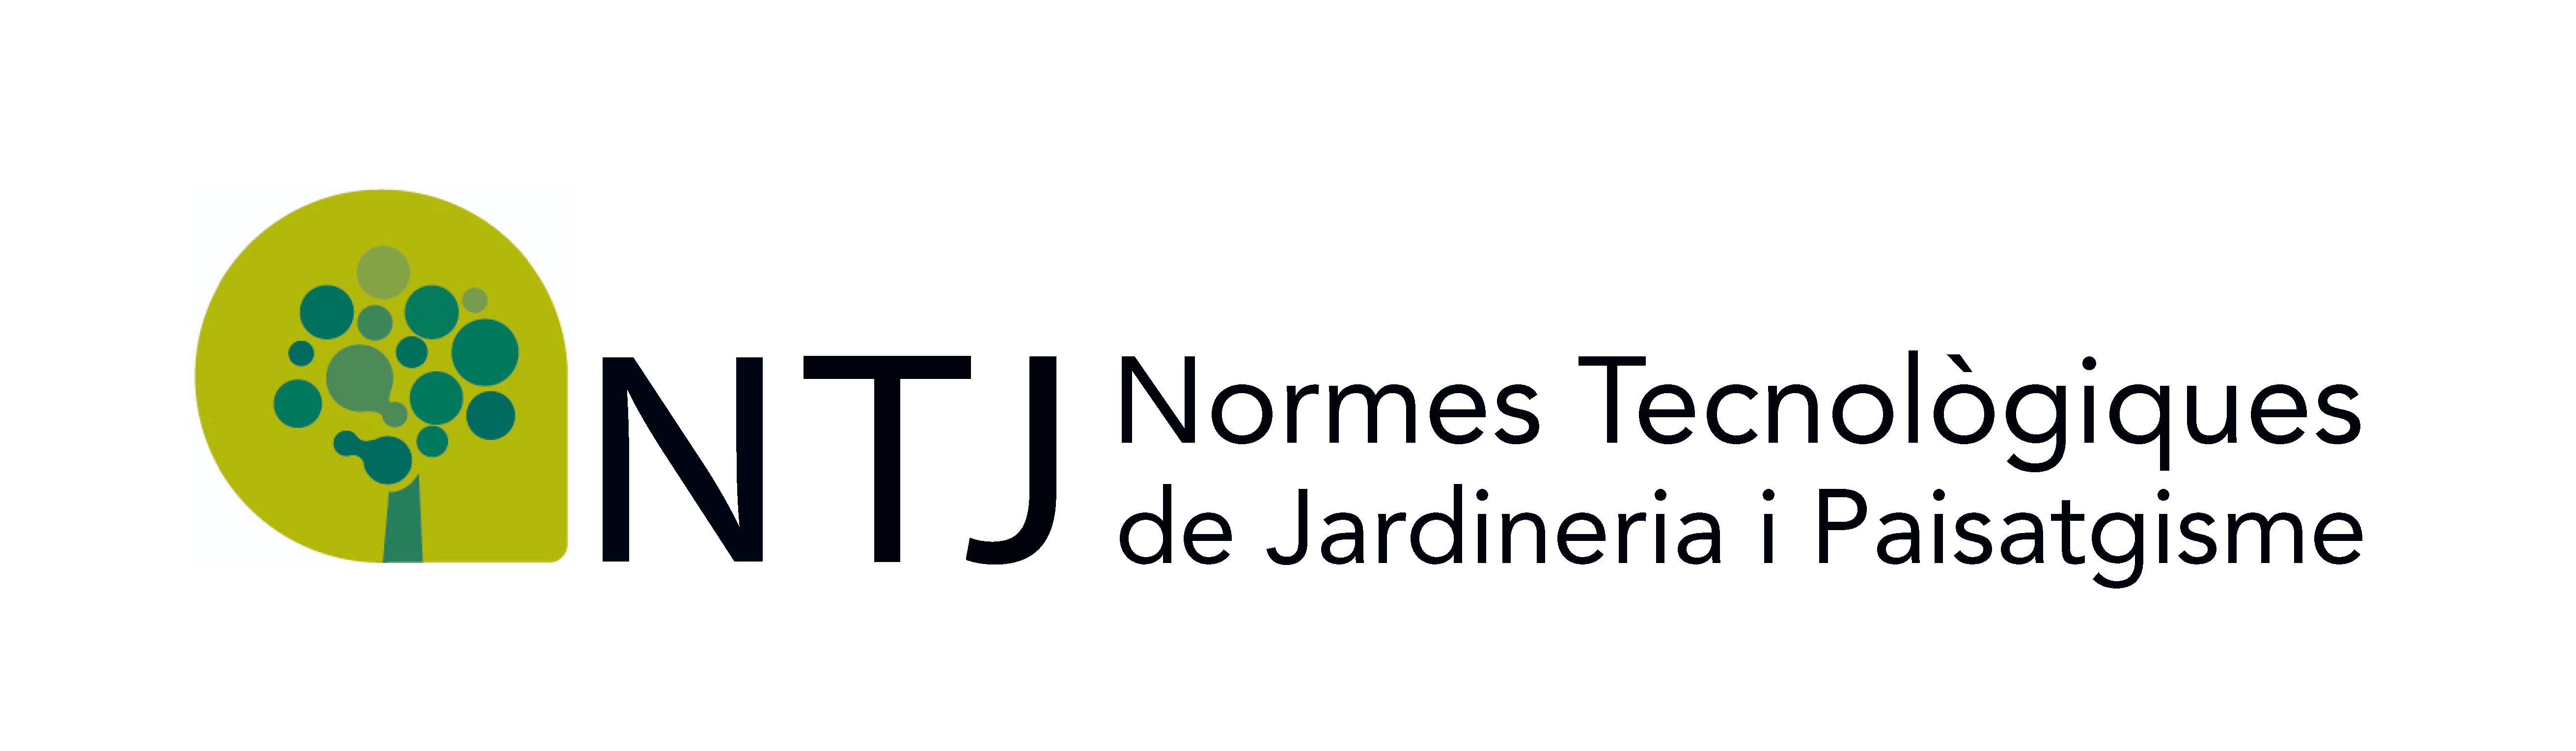 Normas Tecnológicas de Jardinería y Paisajismo